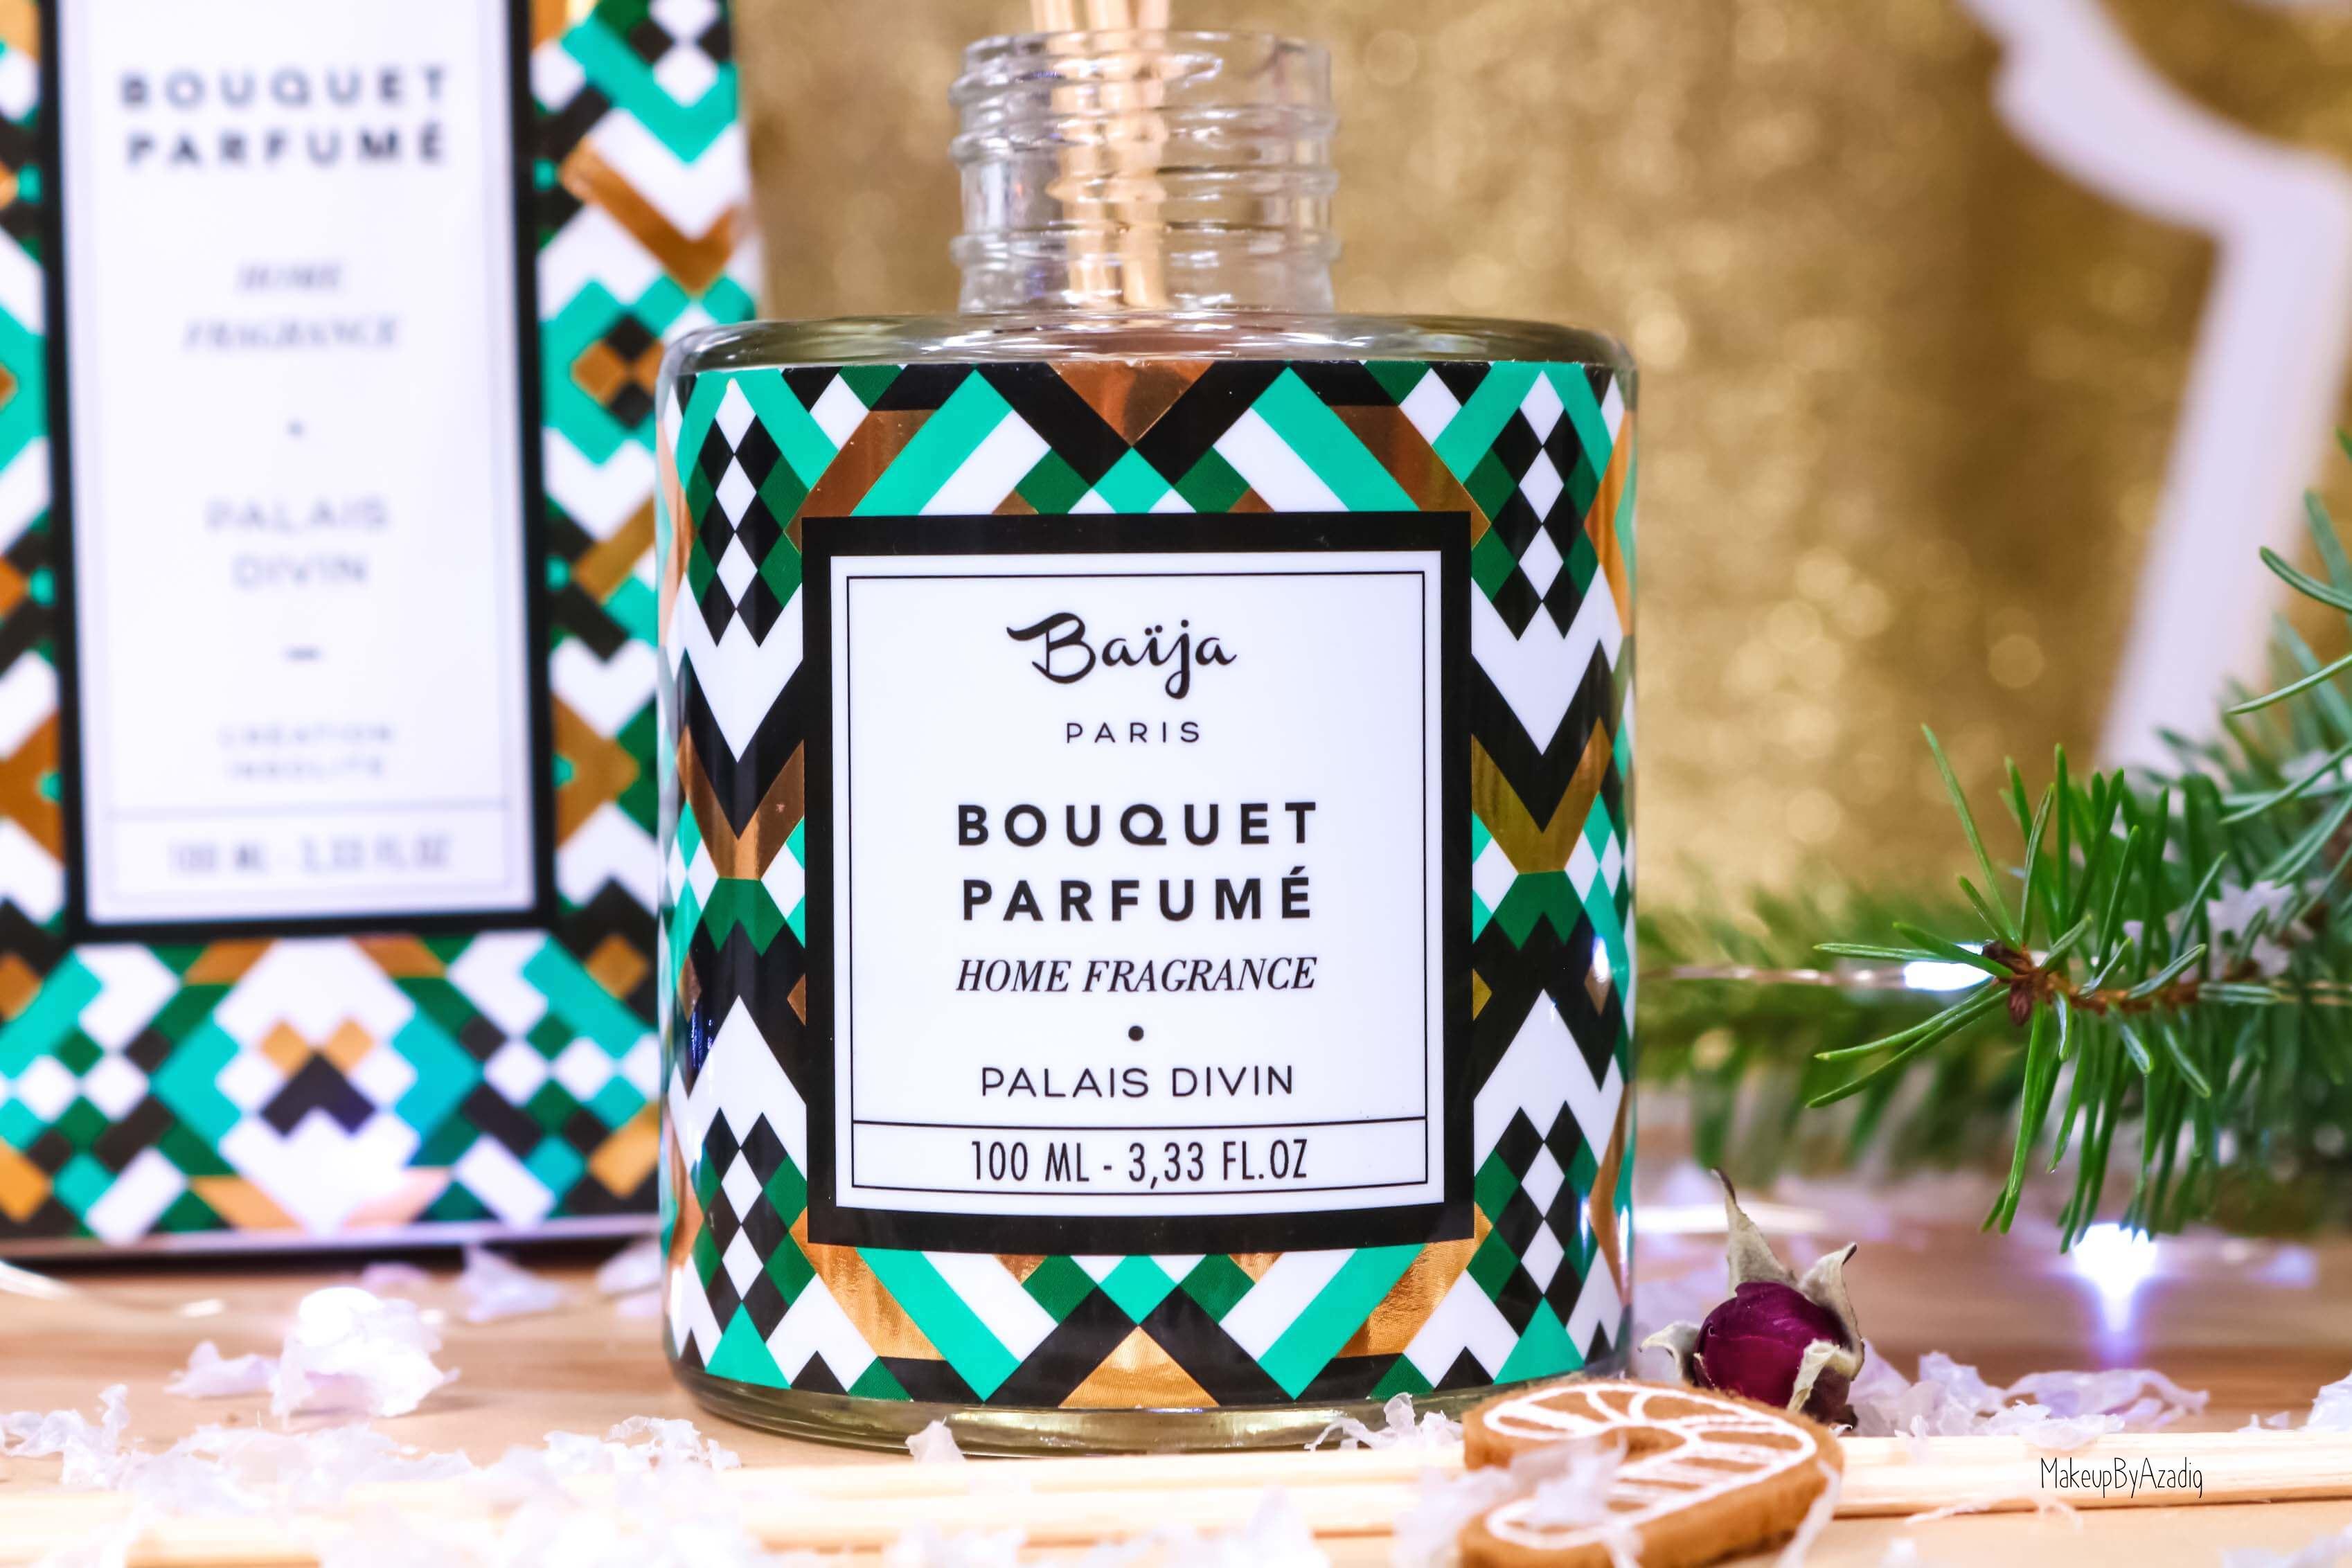 nouveaute-parfum-interieur-maison-baija-palais-divin-ambre-vanille-bougie-savon-marseille-bouquet-avis-prix-makeupbyazadig-home